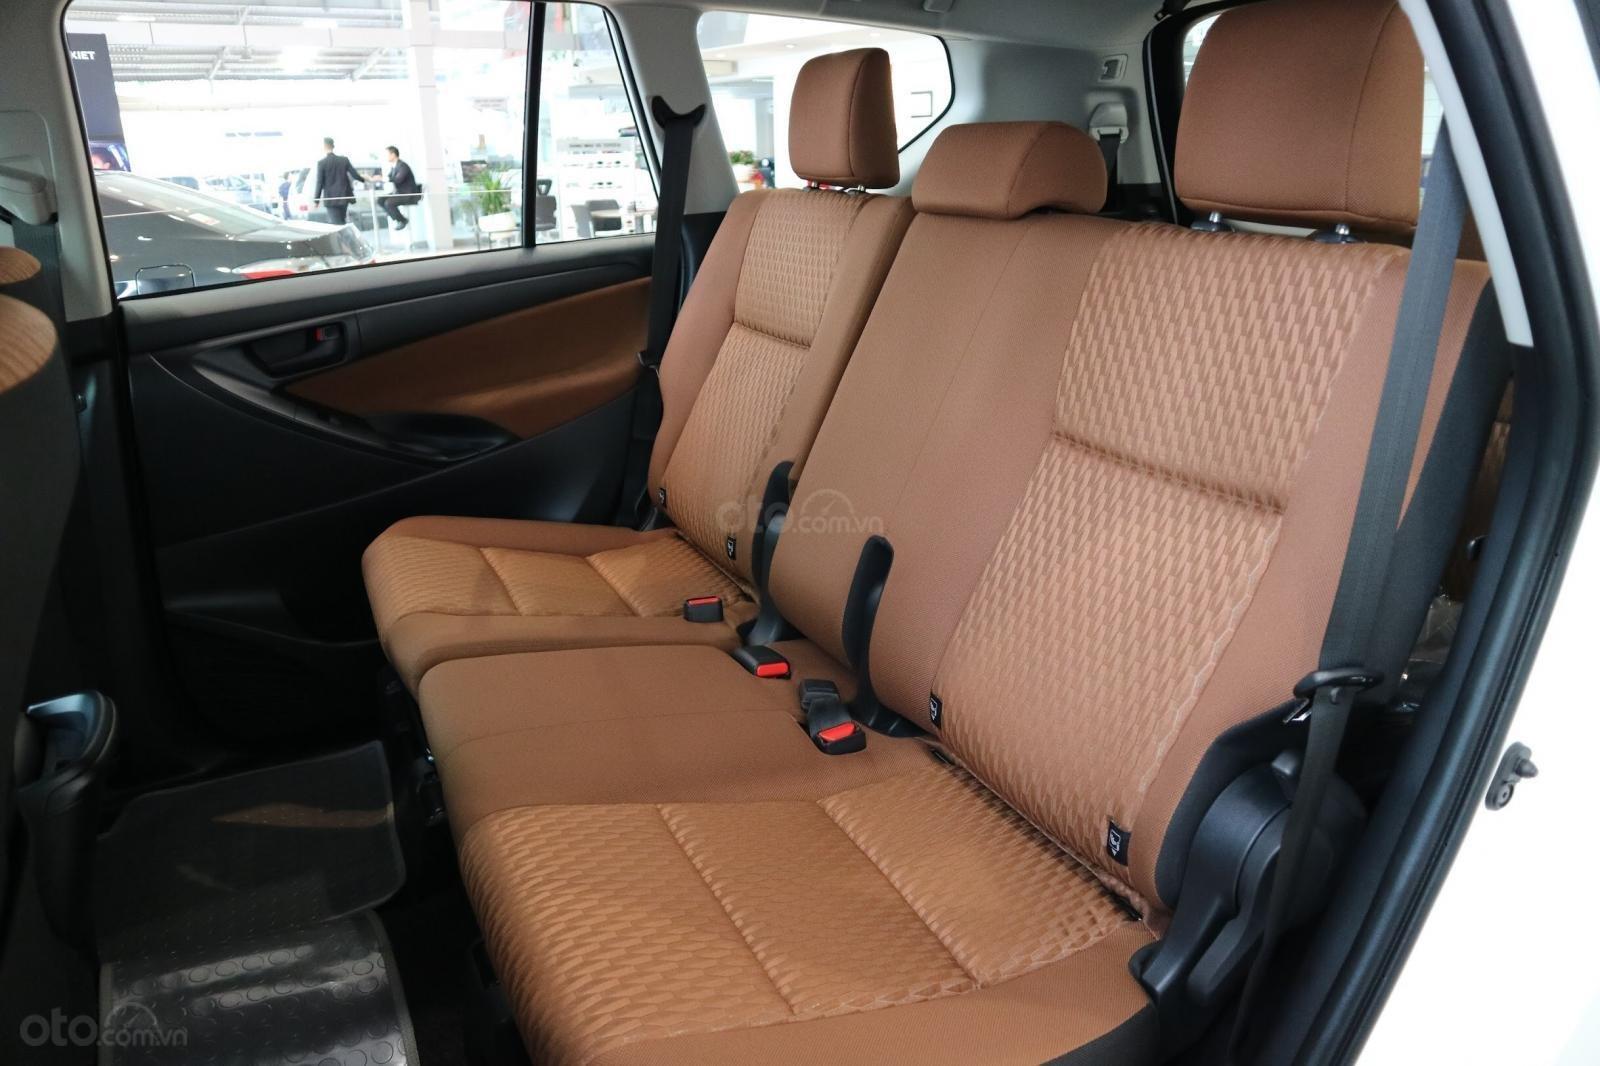 """Toyota Innova 2.0E MT khuyến mãi cực """" khủng"""" tại Toyota Lý Thường Kiệt, hỗ trợ góp 80% xe sẵn đủ màu giao ngay (10)"""